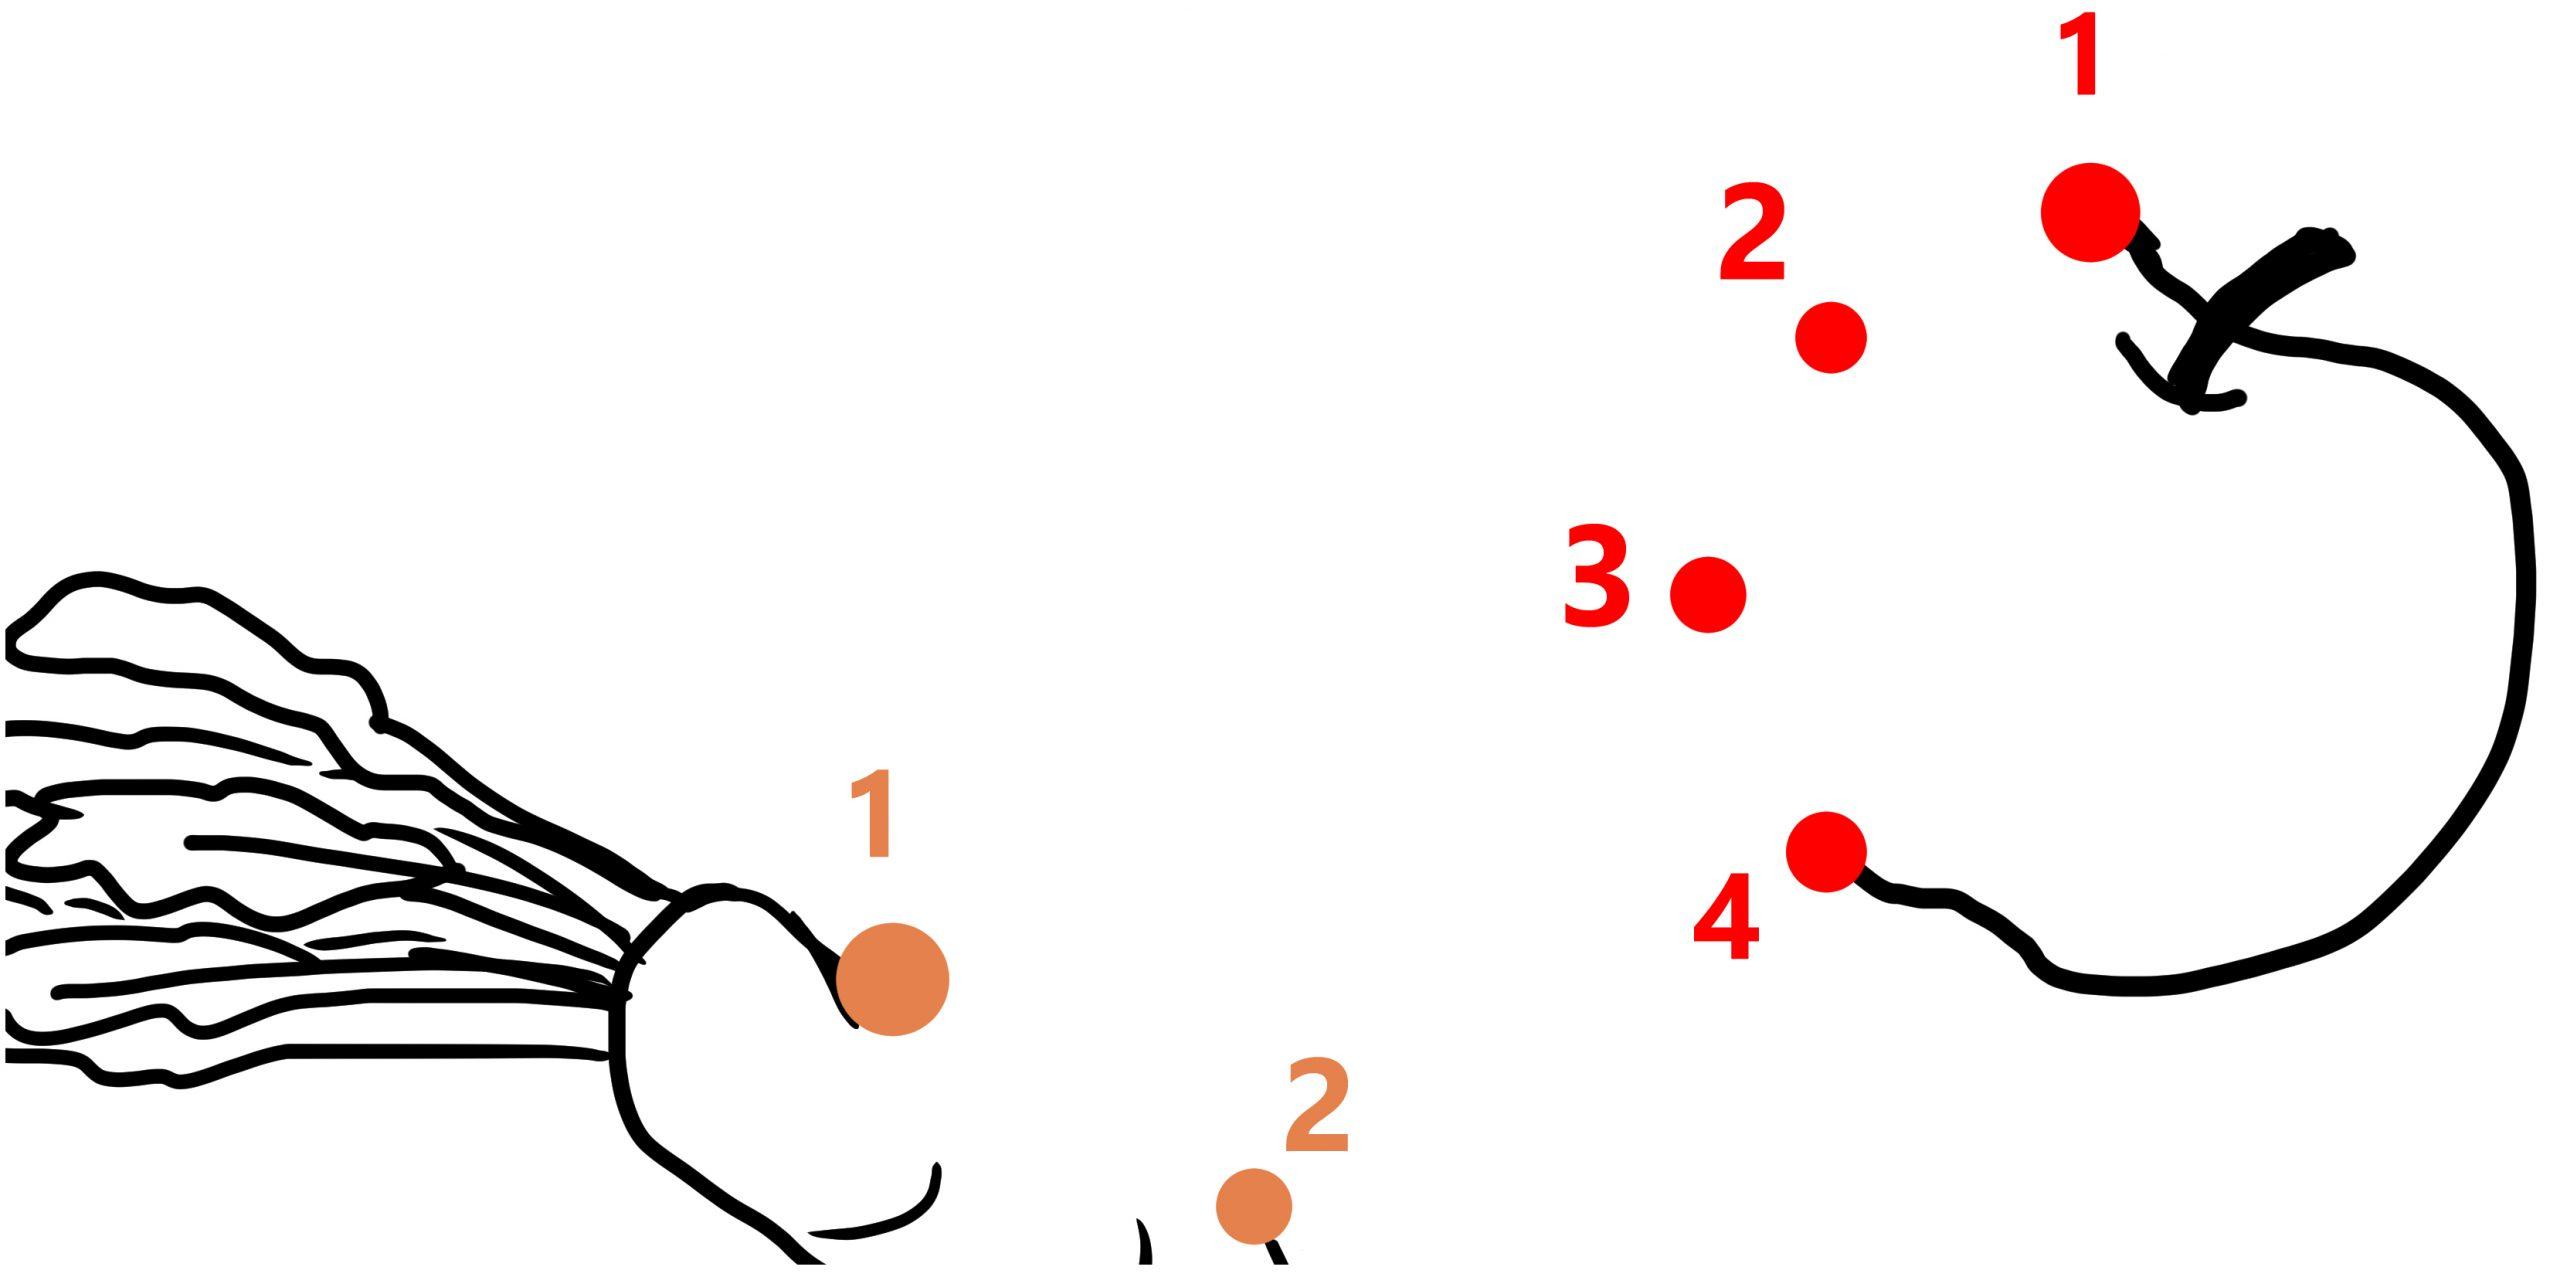 Points À Relier De 1 À 5 (Thème Le Lapin) – Le Plan B concernant Jeu Relier Les Points En Ligne